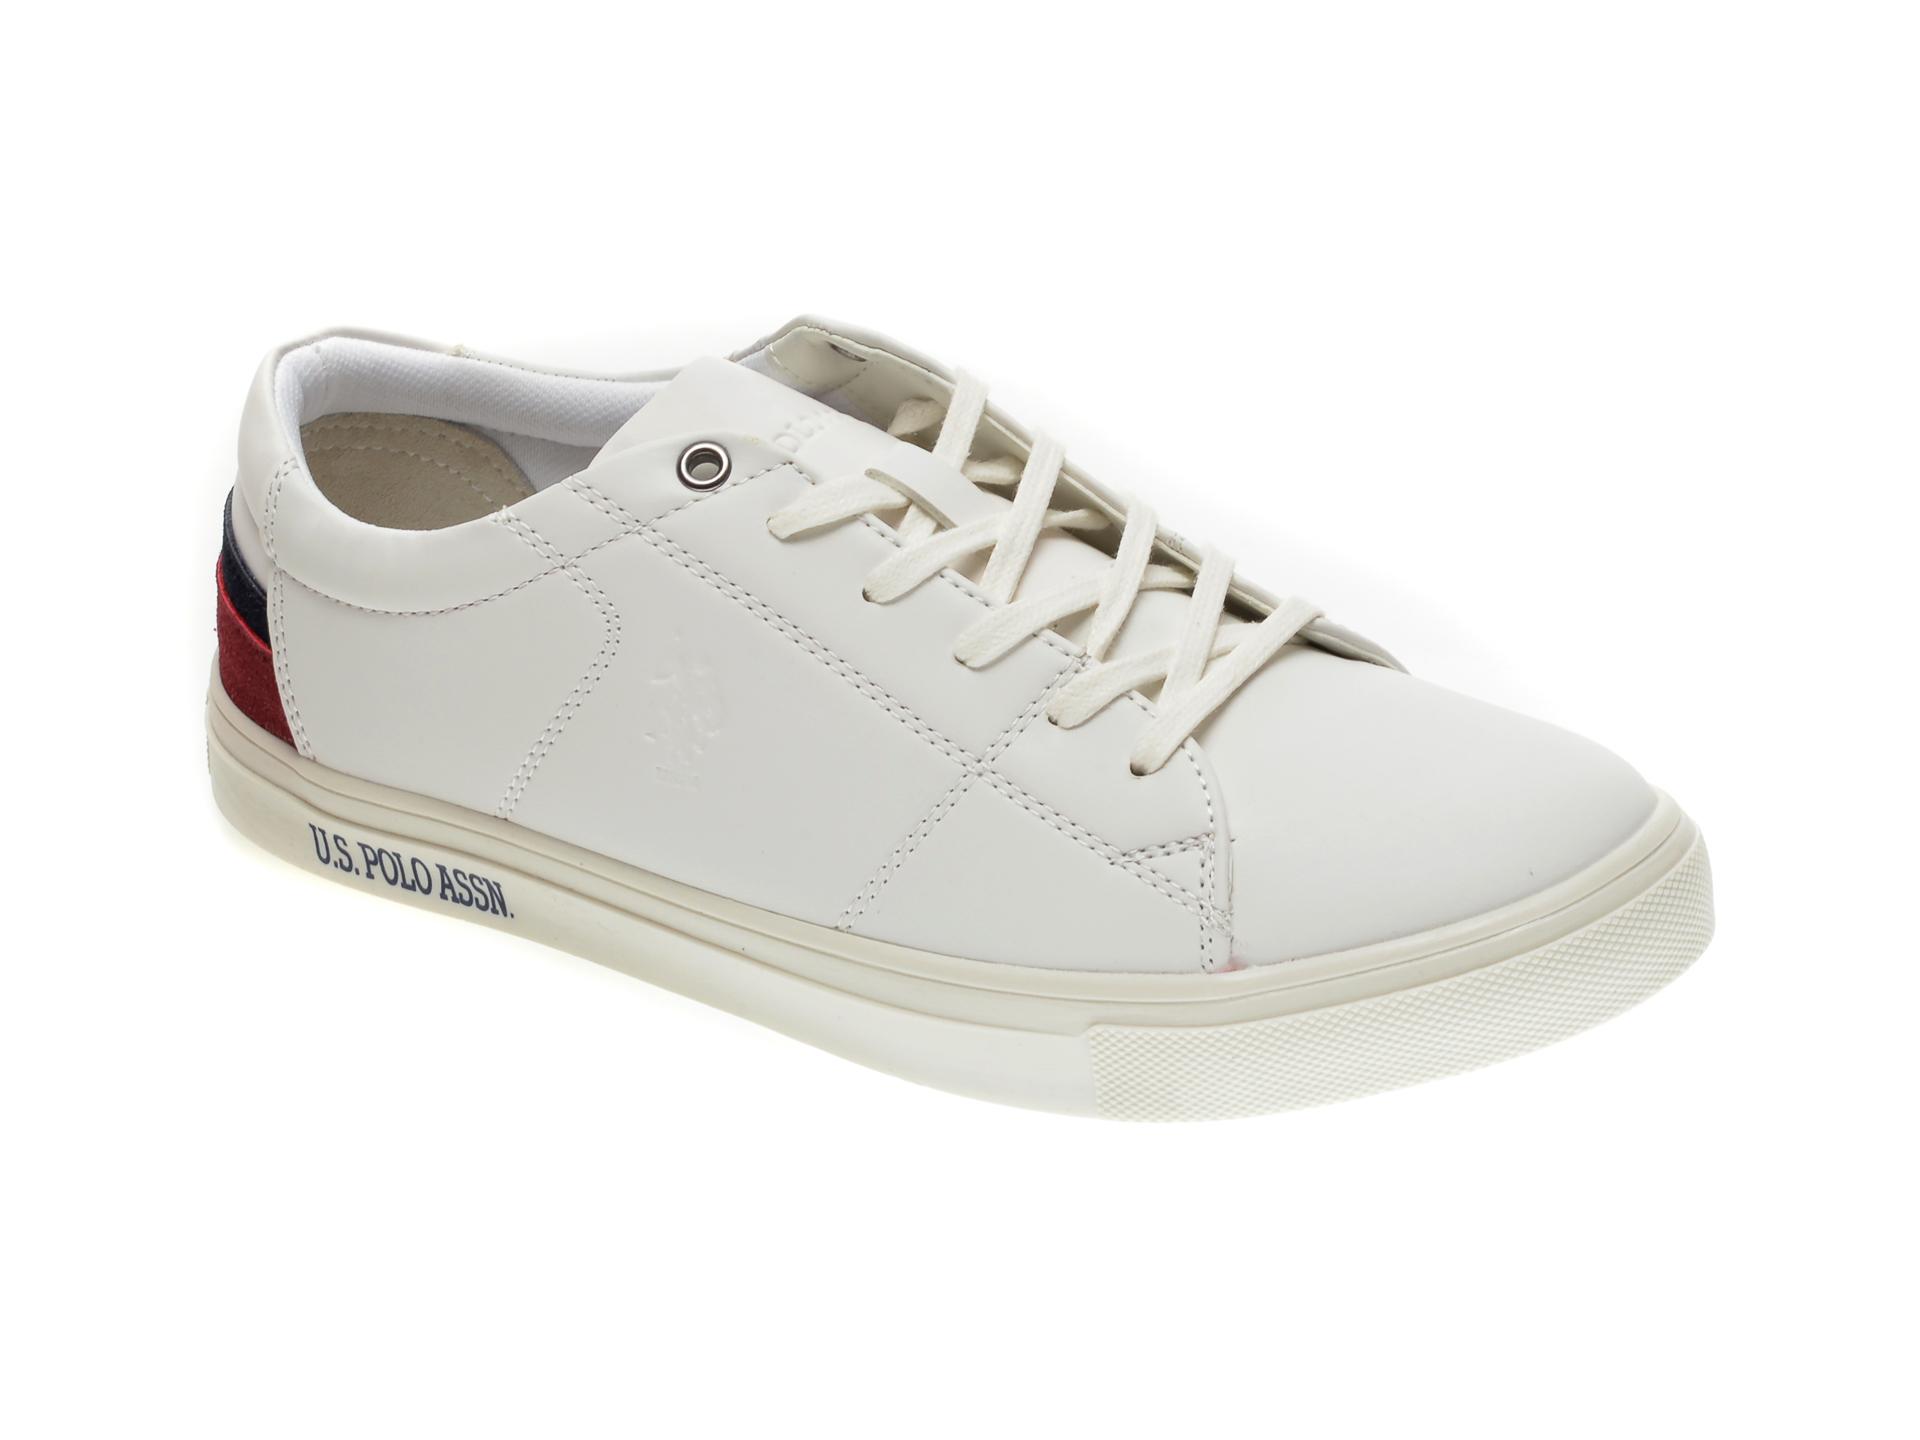 Pantofi sport US POLO ASSN albi, 420505, din piele ecologica imagine